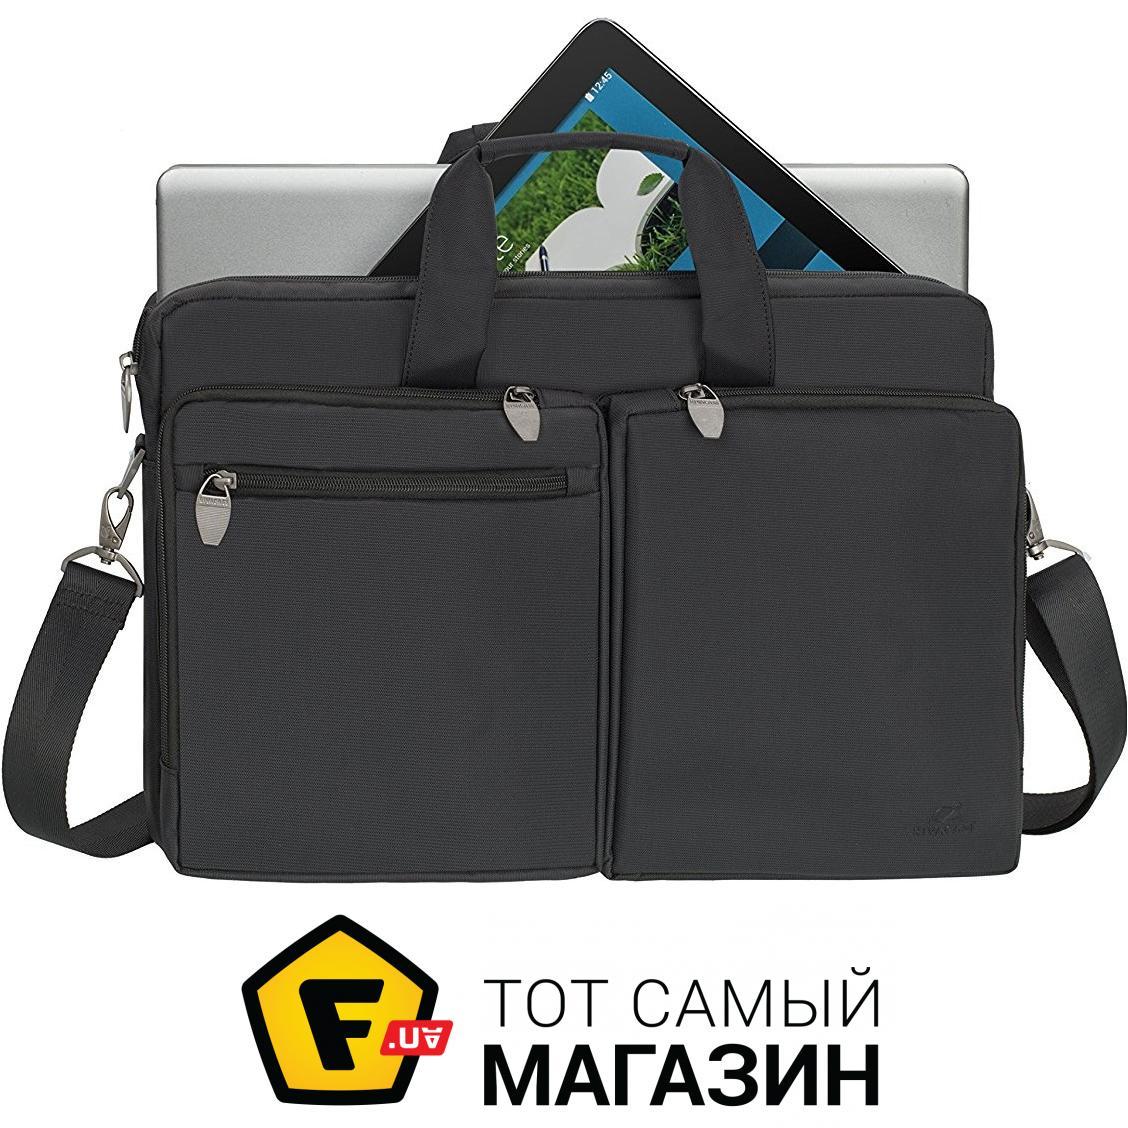 df5e08a90002 Сумка для ноутбука RivaCase 17.3